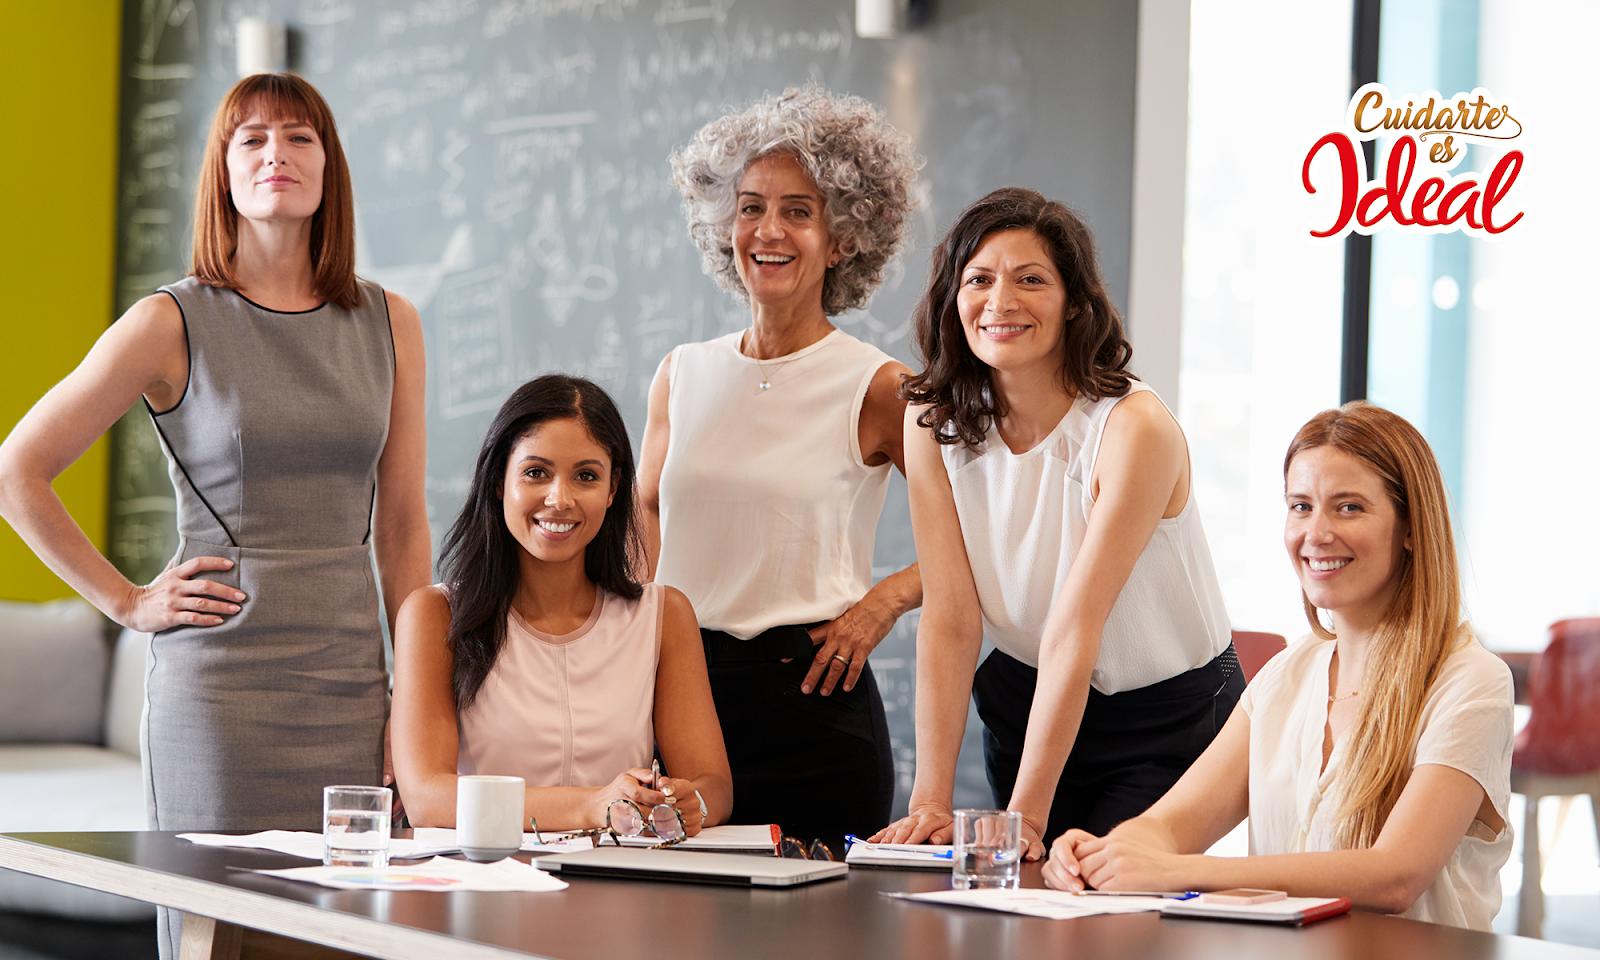 Los diferentes roles de la mujer en la sociedad